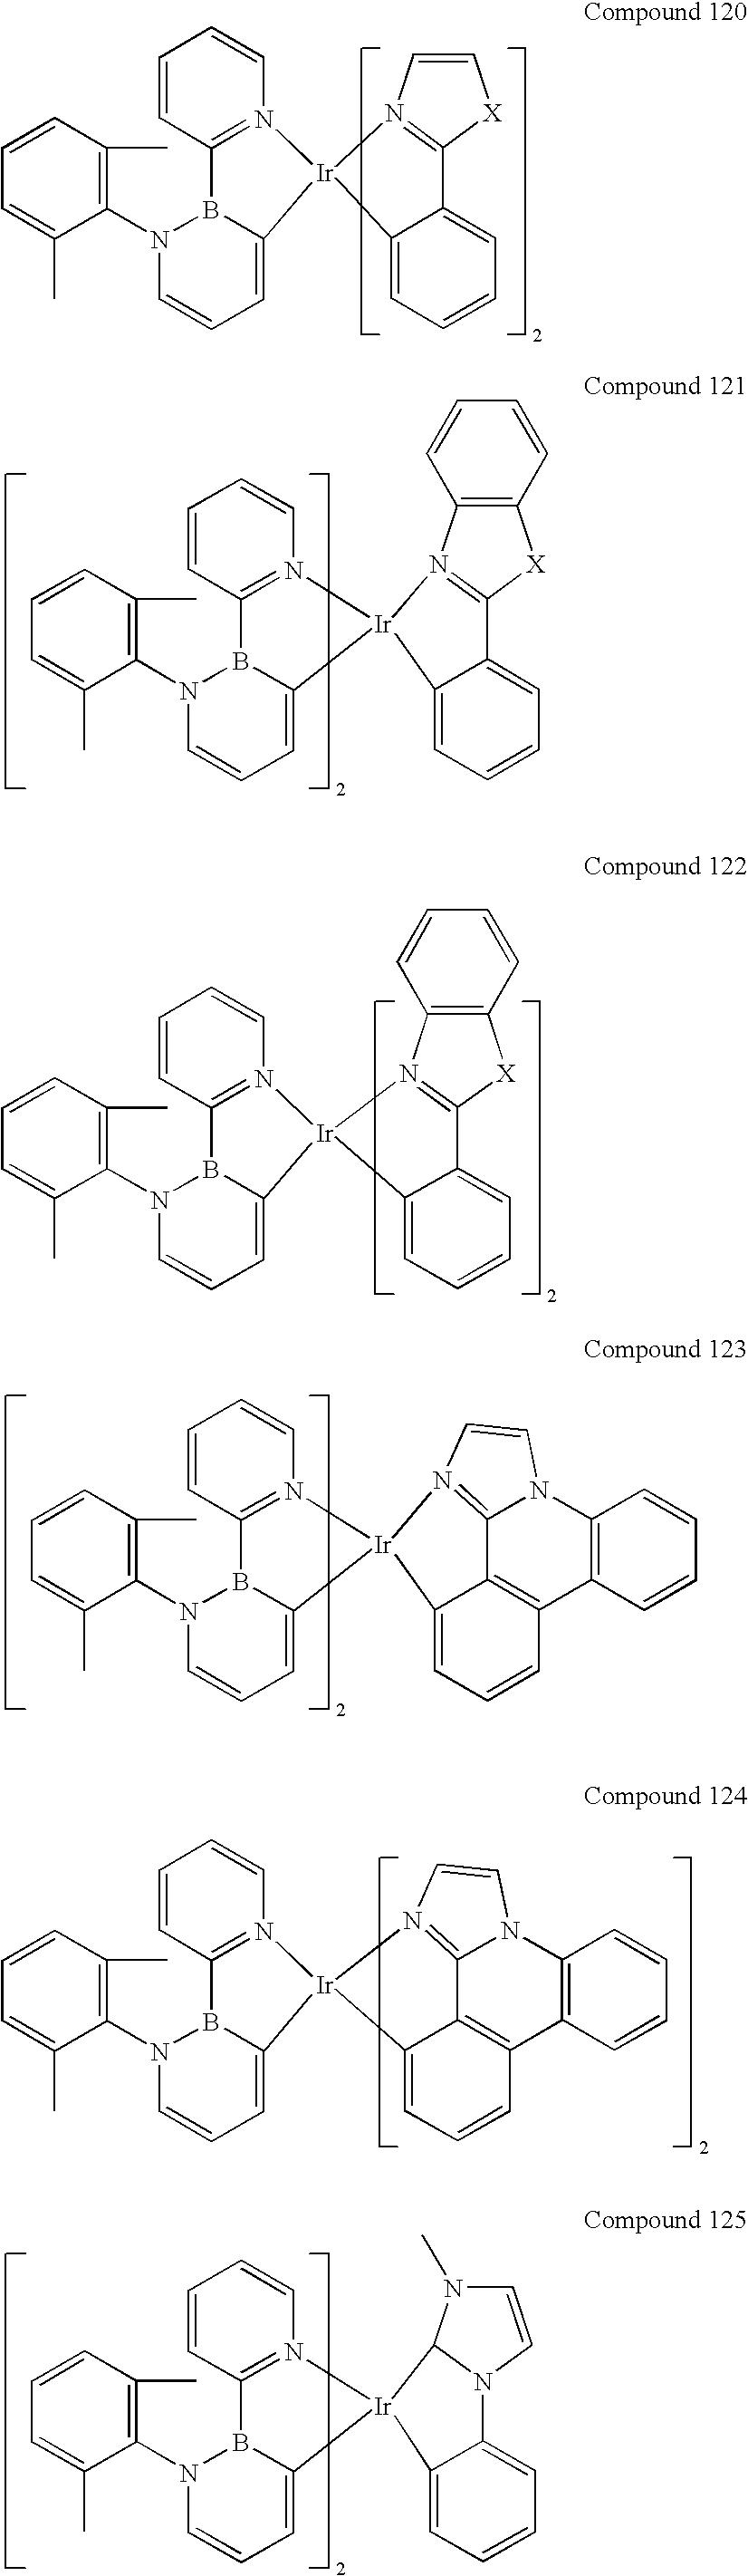 Figure US20100295032A1-20101125-C00149